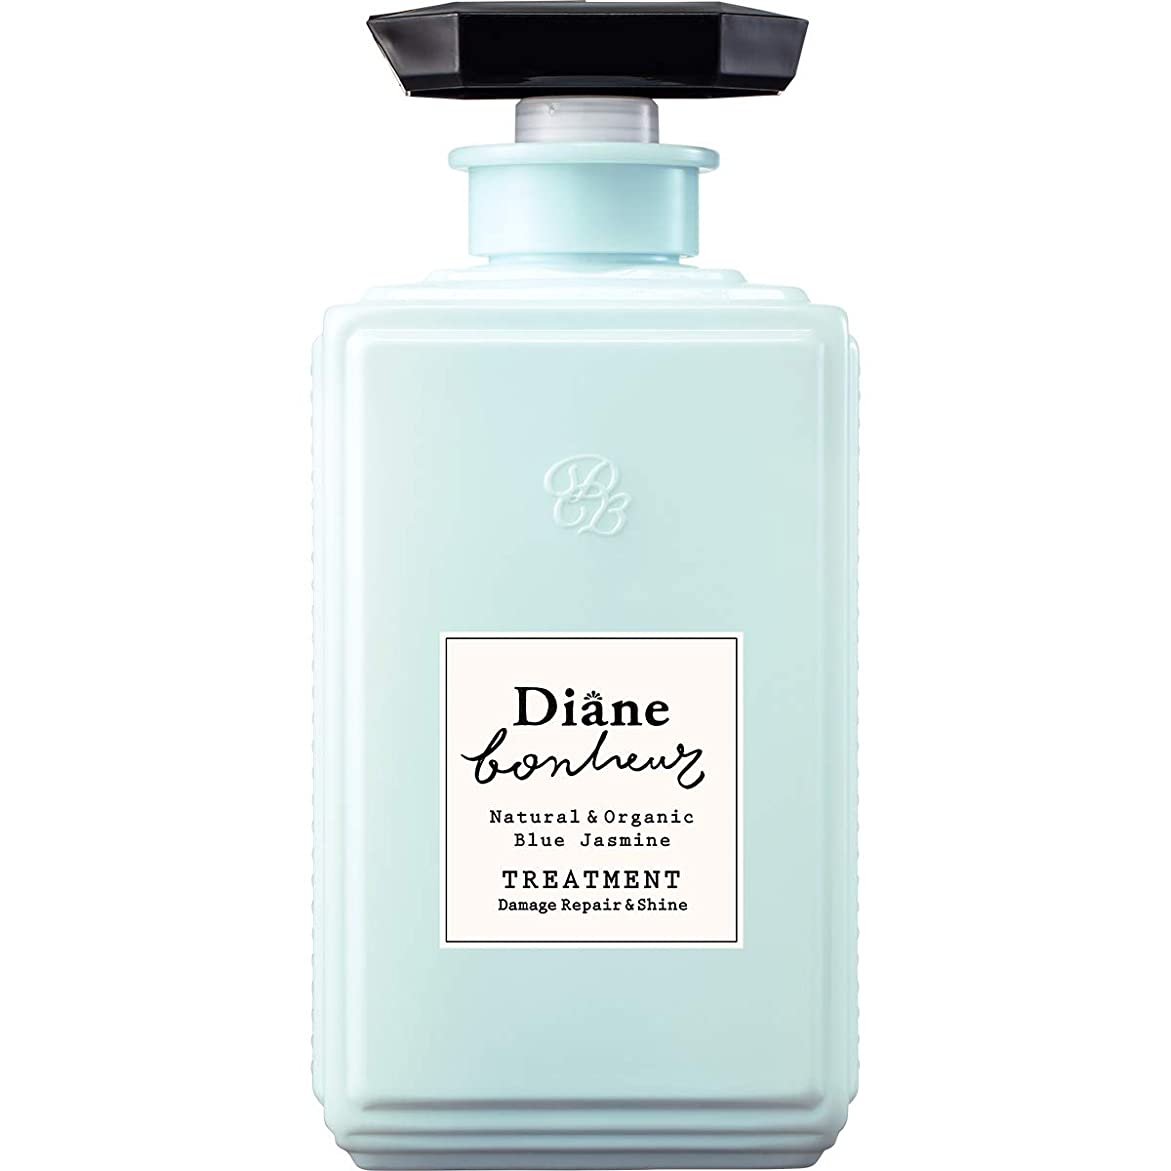 あいまいさ概して犯人ダイアン ボヌール トリートメント ブルージャスミンの香り ダメージリペア&シャイン 500ml